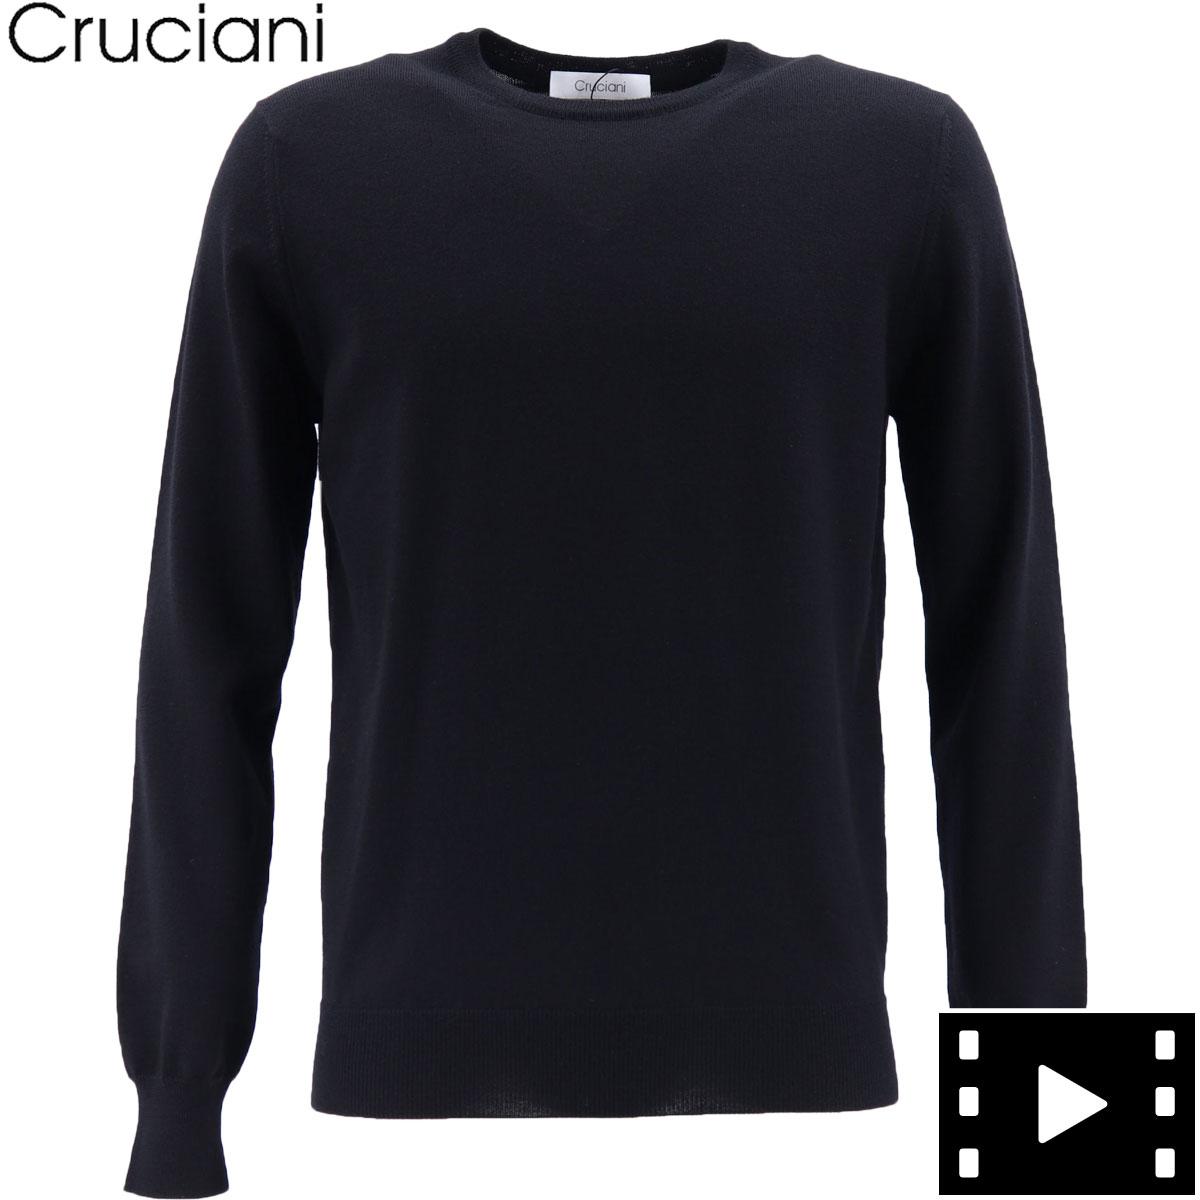 【クリアランスセール】クルチアーニ CRUCIANI メンズ エクストラファイン メリノウール ハイゲージ クルーネックニット セーター M49G/NERO JU2500(ブラック)【返品交換不可】